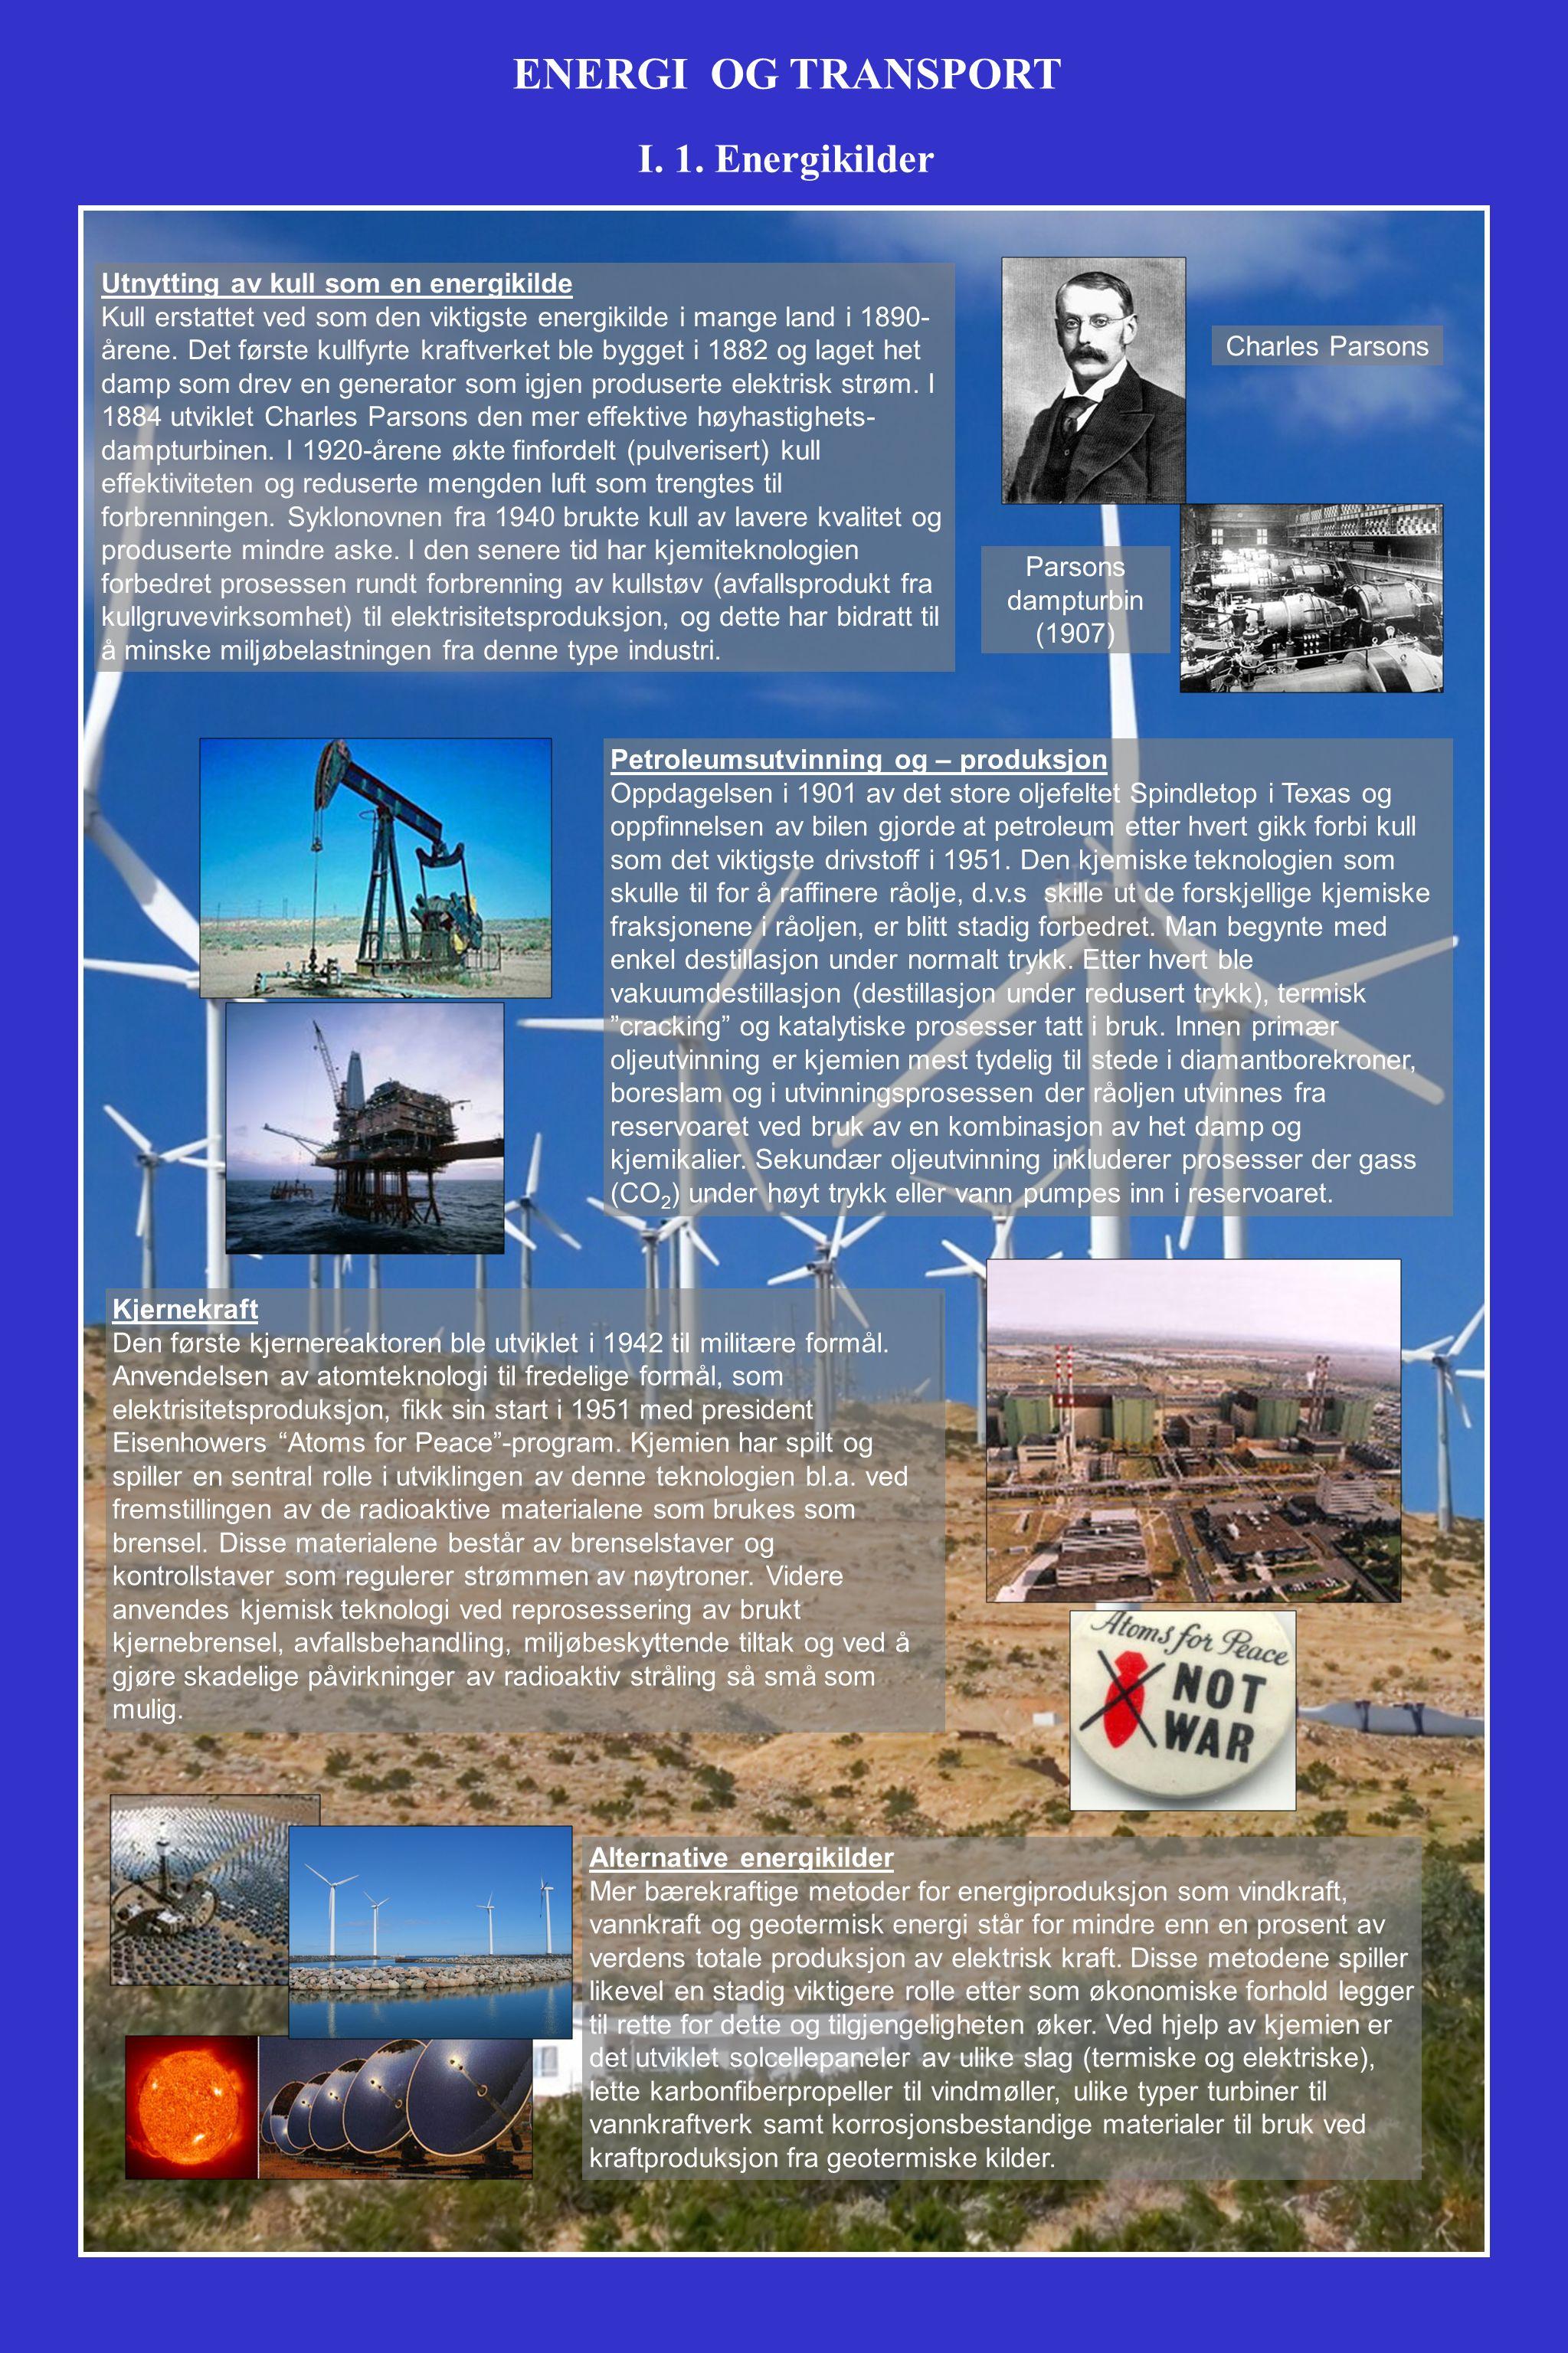 Utnytting av kull som en energikilde Kull erstattet ved som den viktigste energikilde i mange land i 1890- årene.